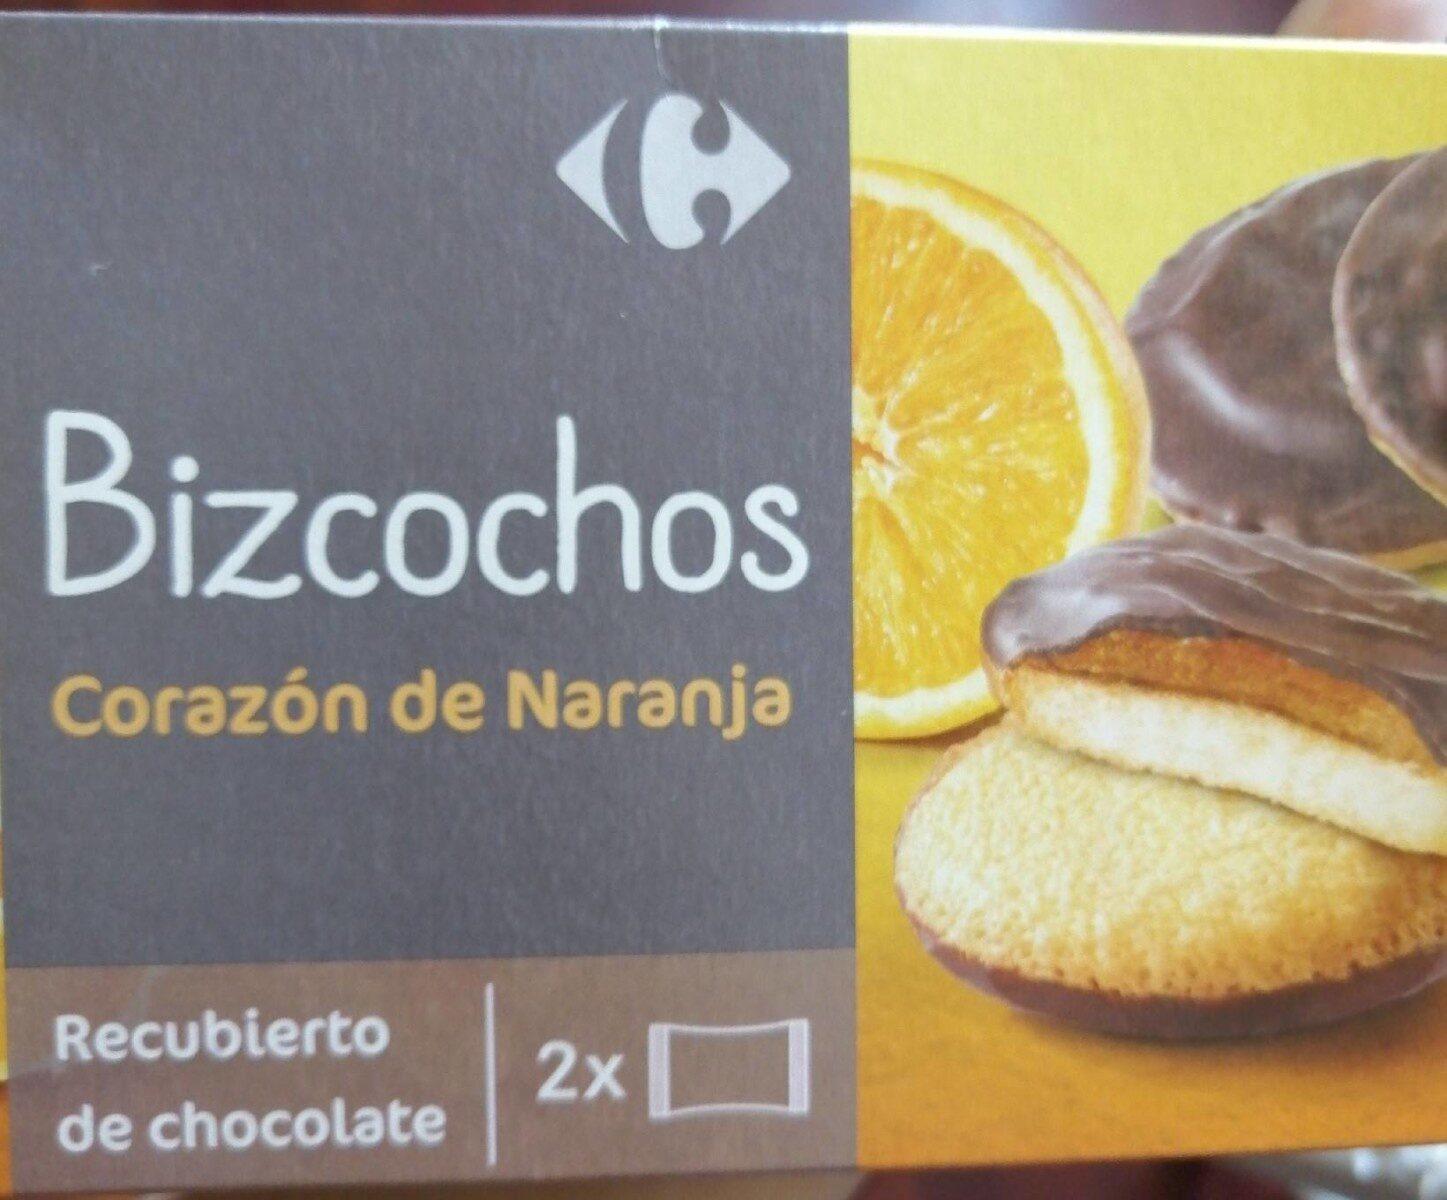 Bizcochos Corazón de Naranja - Product - es